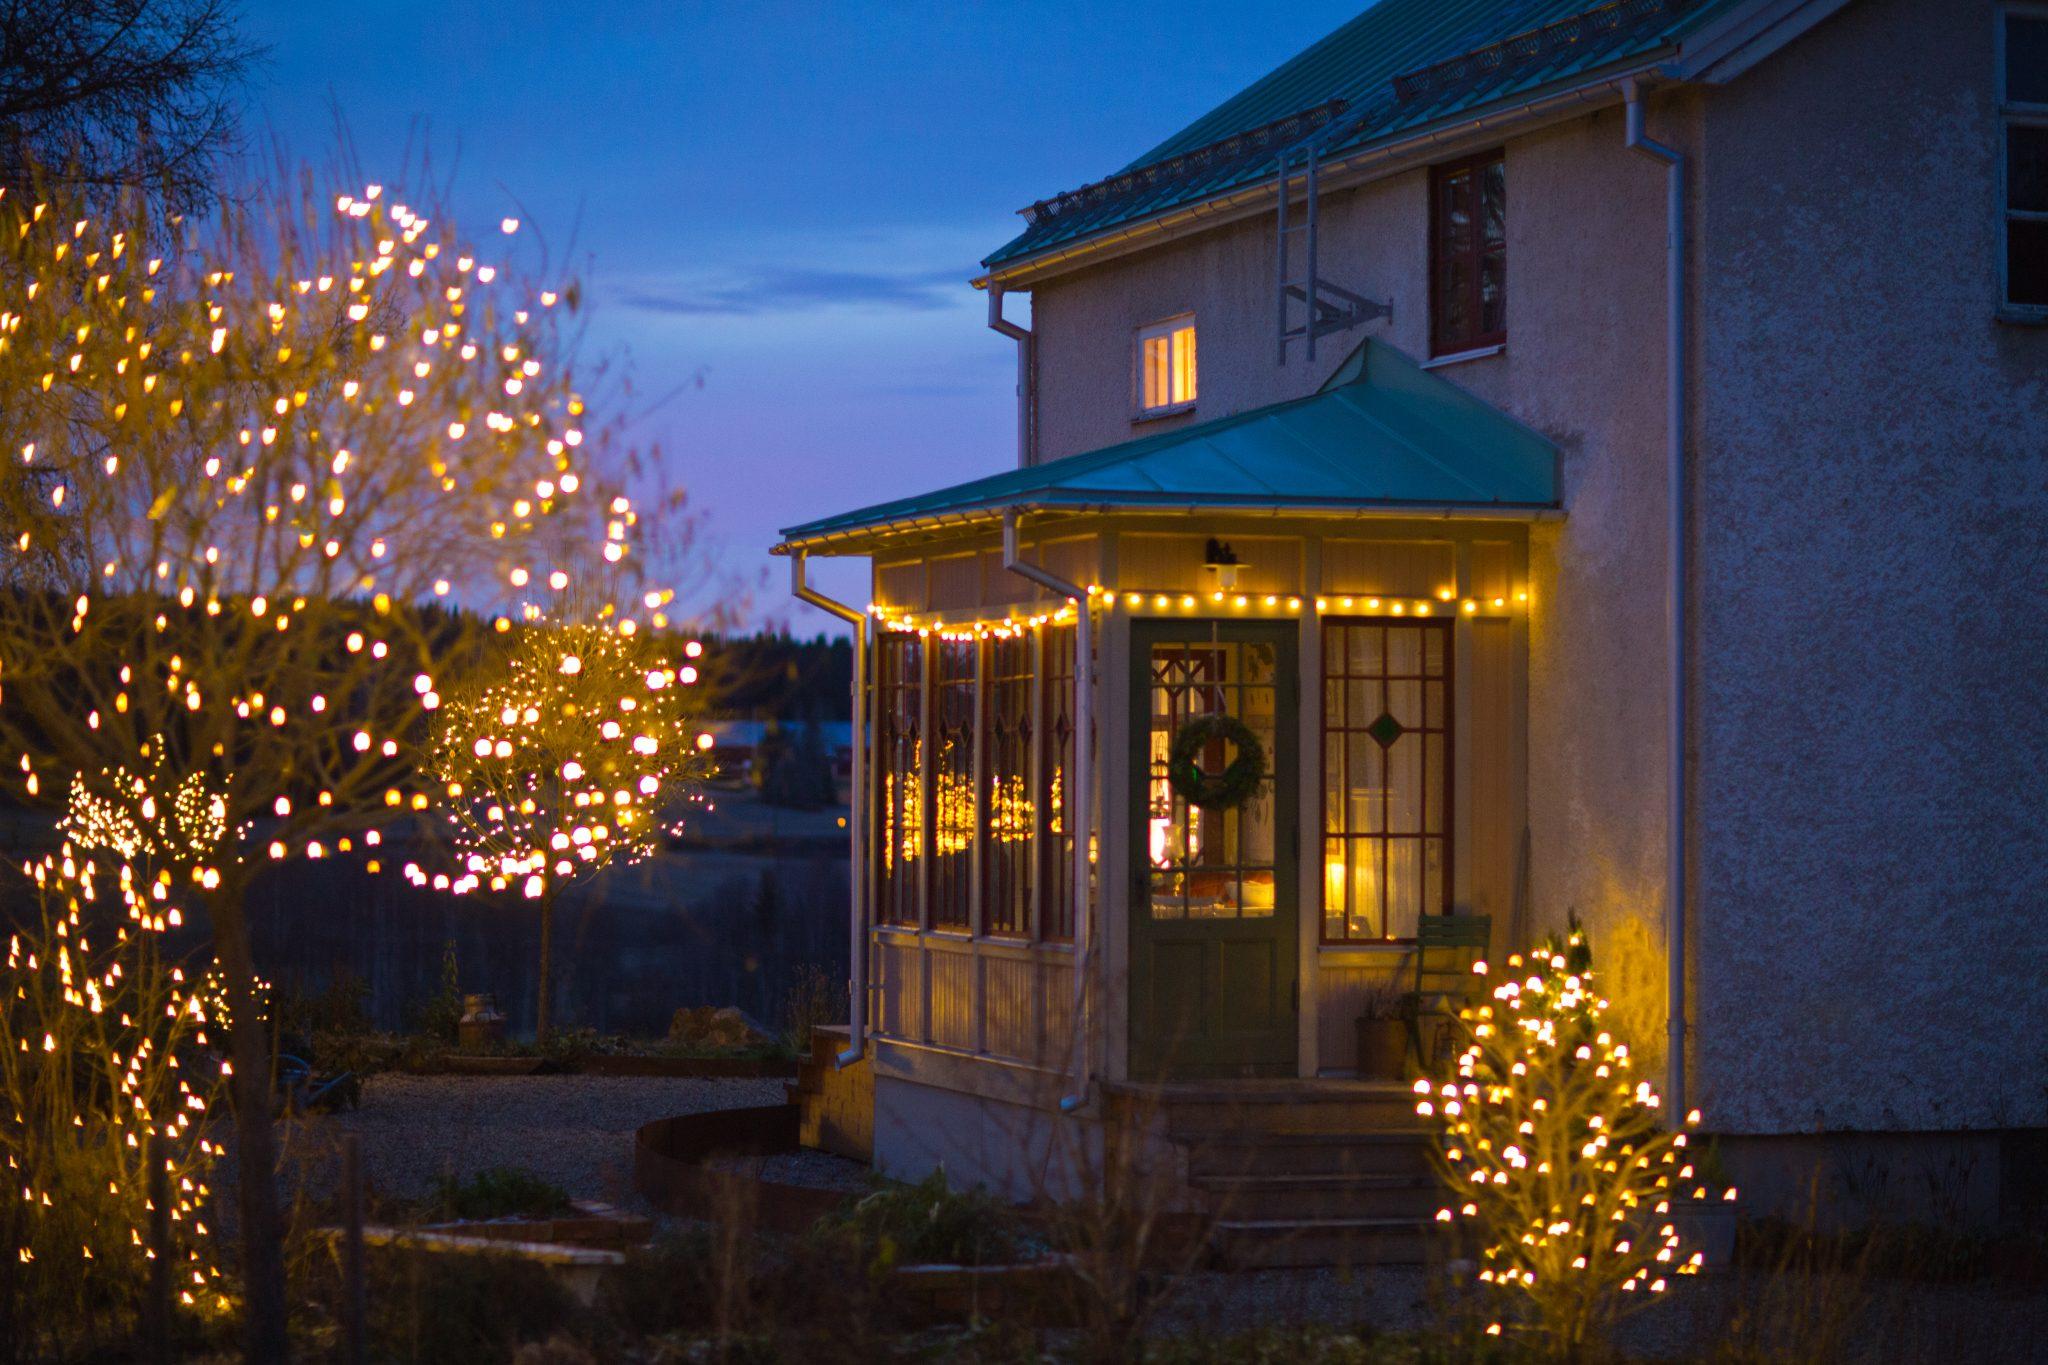 Helt nya Juleljus i trädgården - Blommor & Trädgård, Claras jul EZ-88